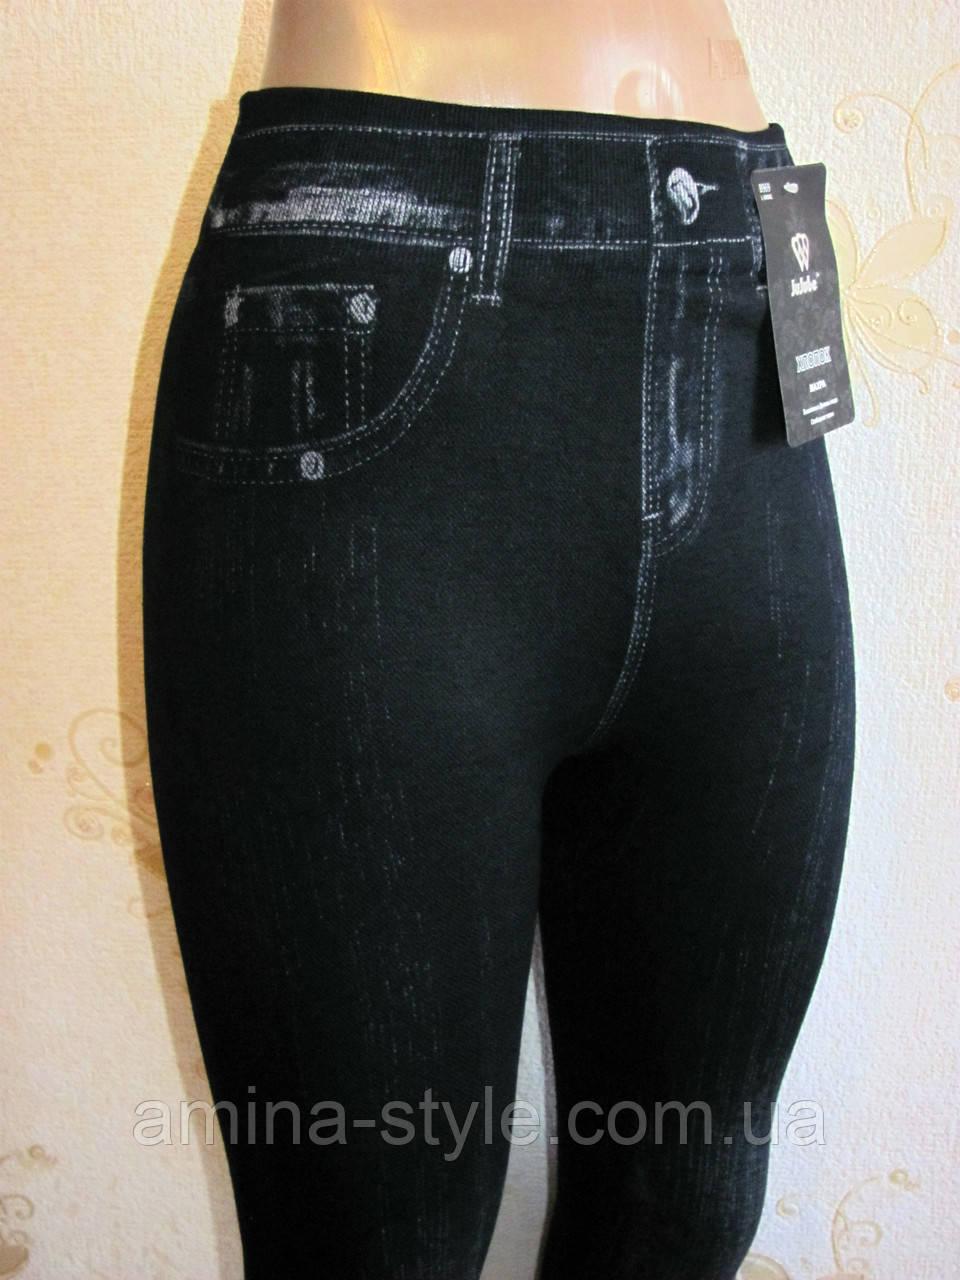 Лосины под джинс на махре  УТЕПЛЕННЫЕ 44-52 разм.